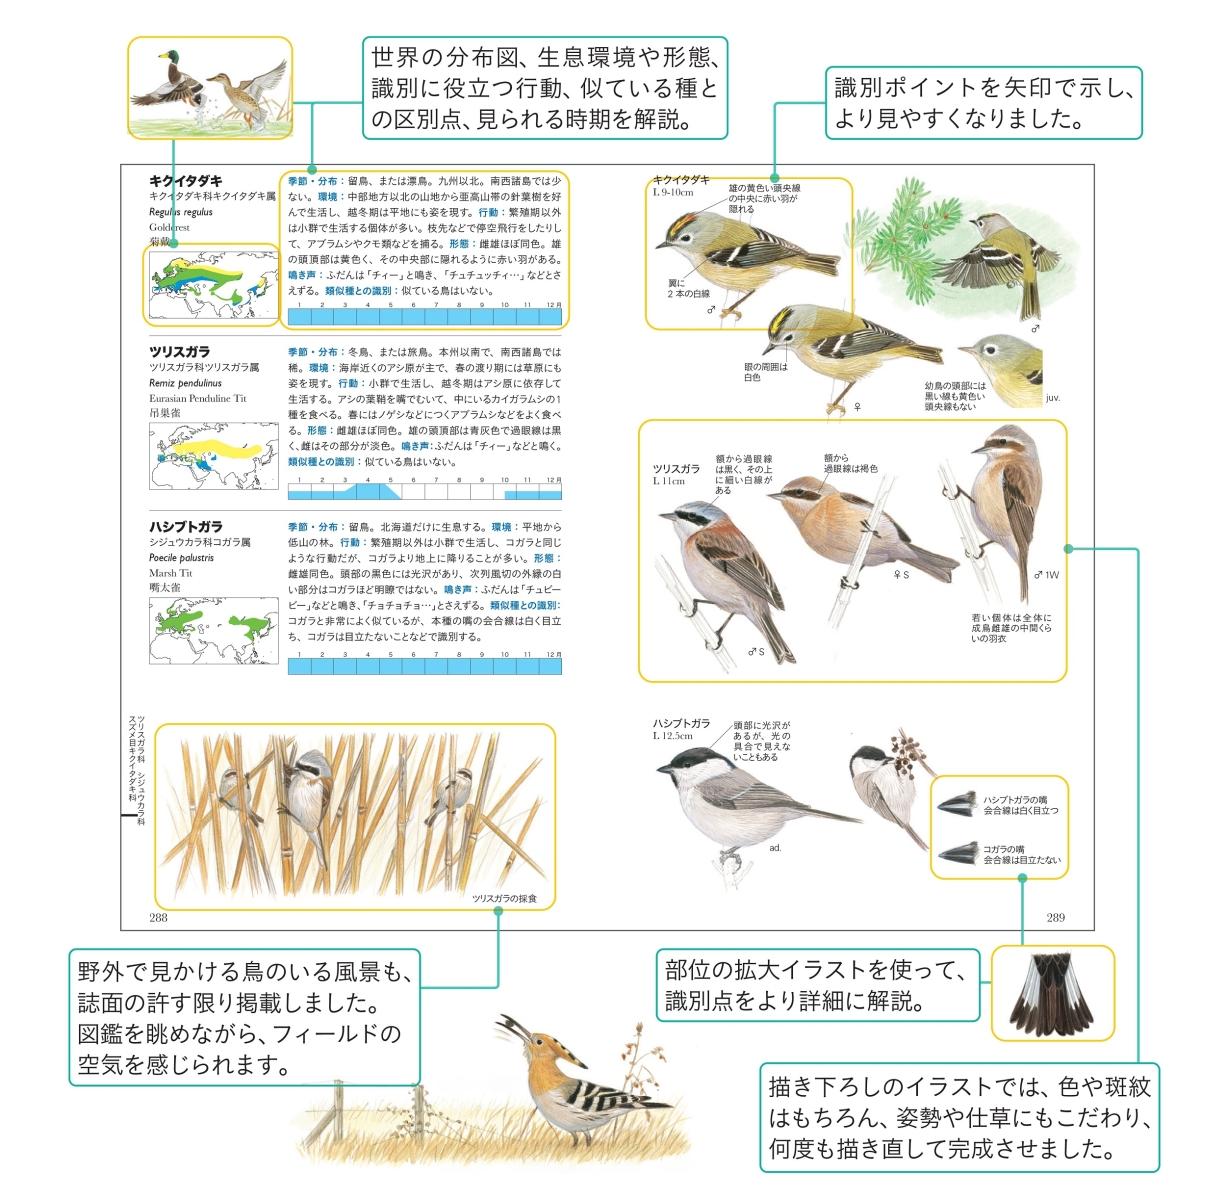 楽天ブックス: フィールド図鑑 日本の野鳥 第2版 - 水谷高英 ...